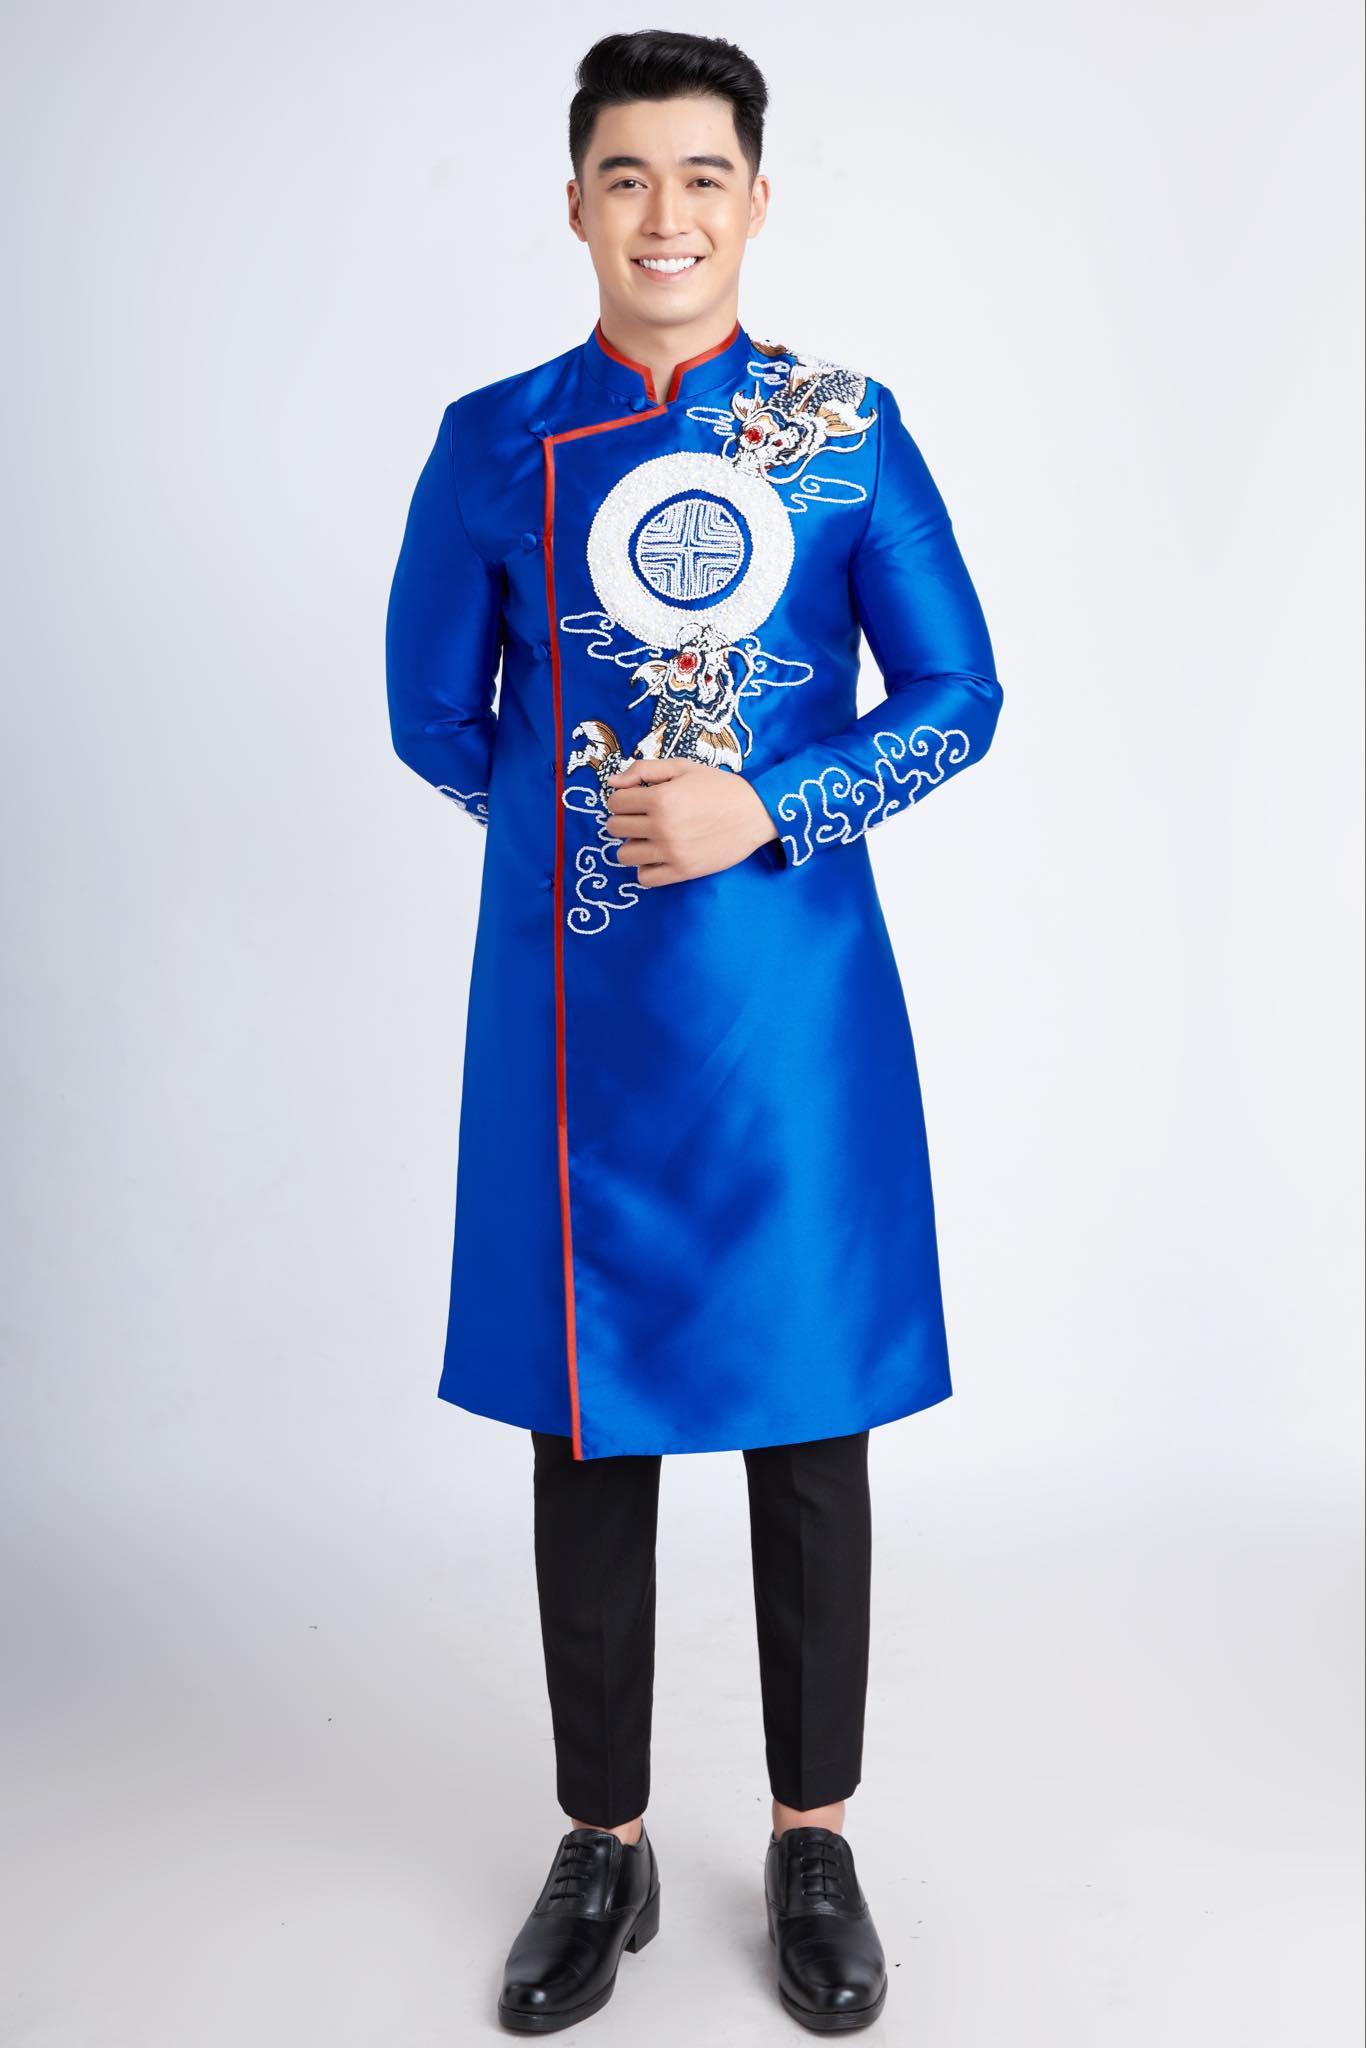 áo dài nam xanh vẽ cá chép hóa rồng